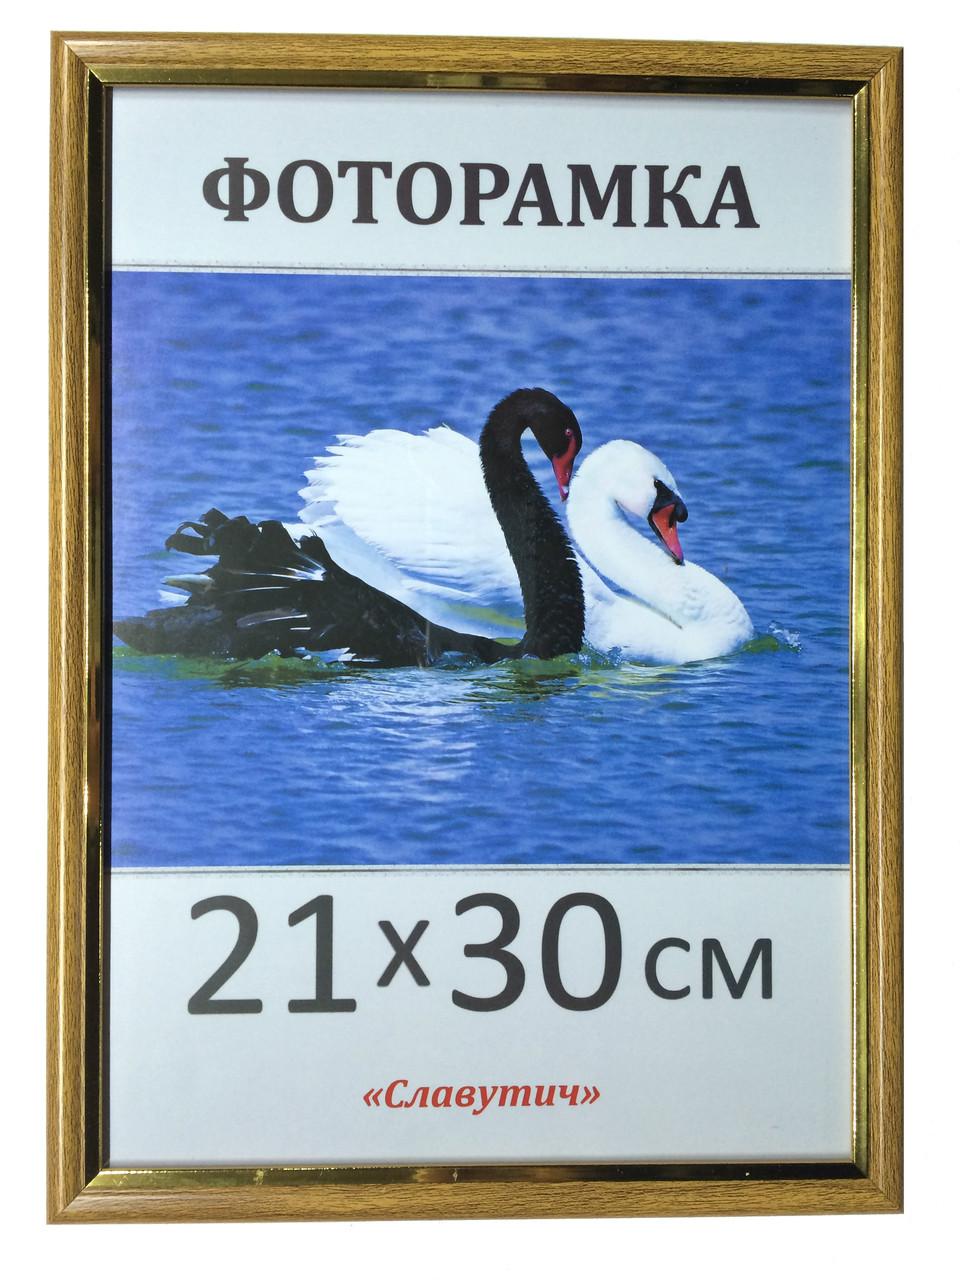 Фоторамка ,пластиковая, 30*40, рамка, для фото, дипломов, сертификатов, грамот, картин,1512-314